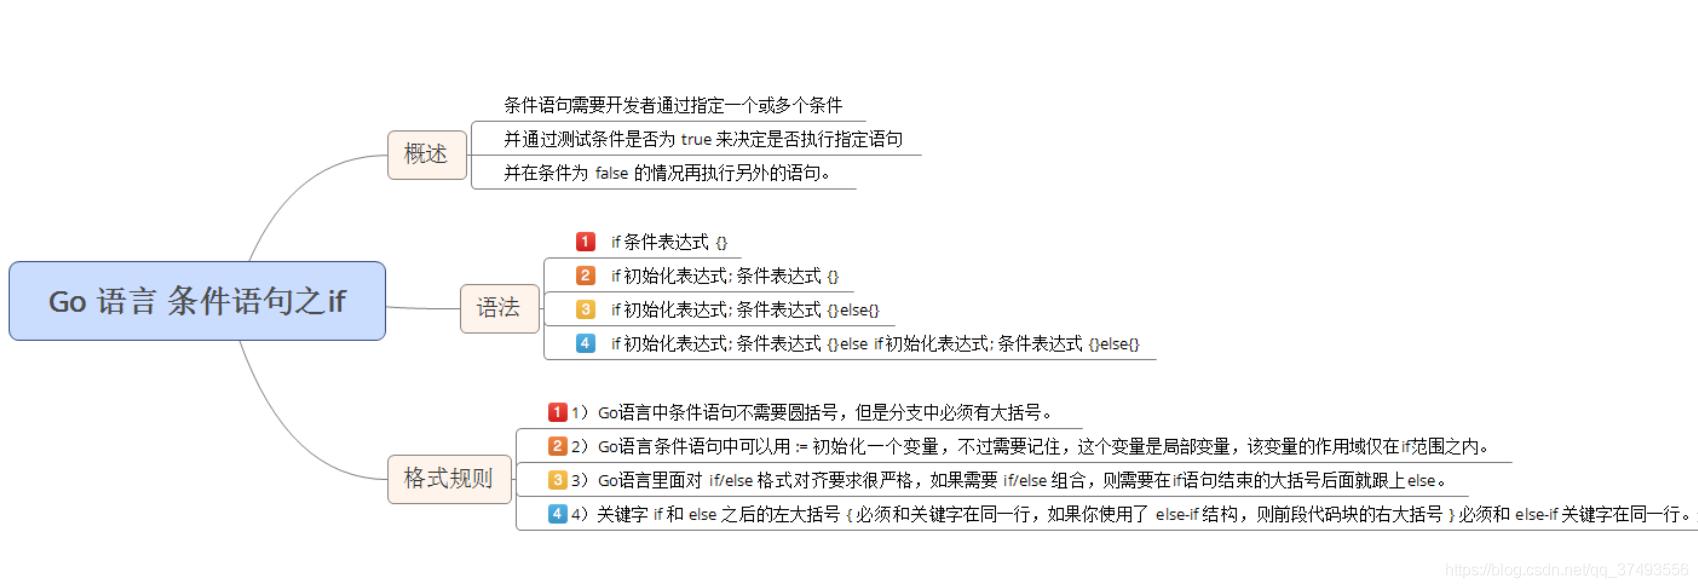 [外链图片转存失败,源站可能有防盗链机制,建议将图片保存下来直接上传(img-qIXdeFzp-1579755016556)(/img/goImage/if语句.png)]